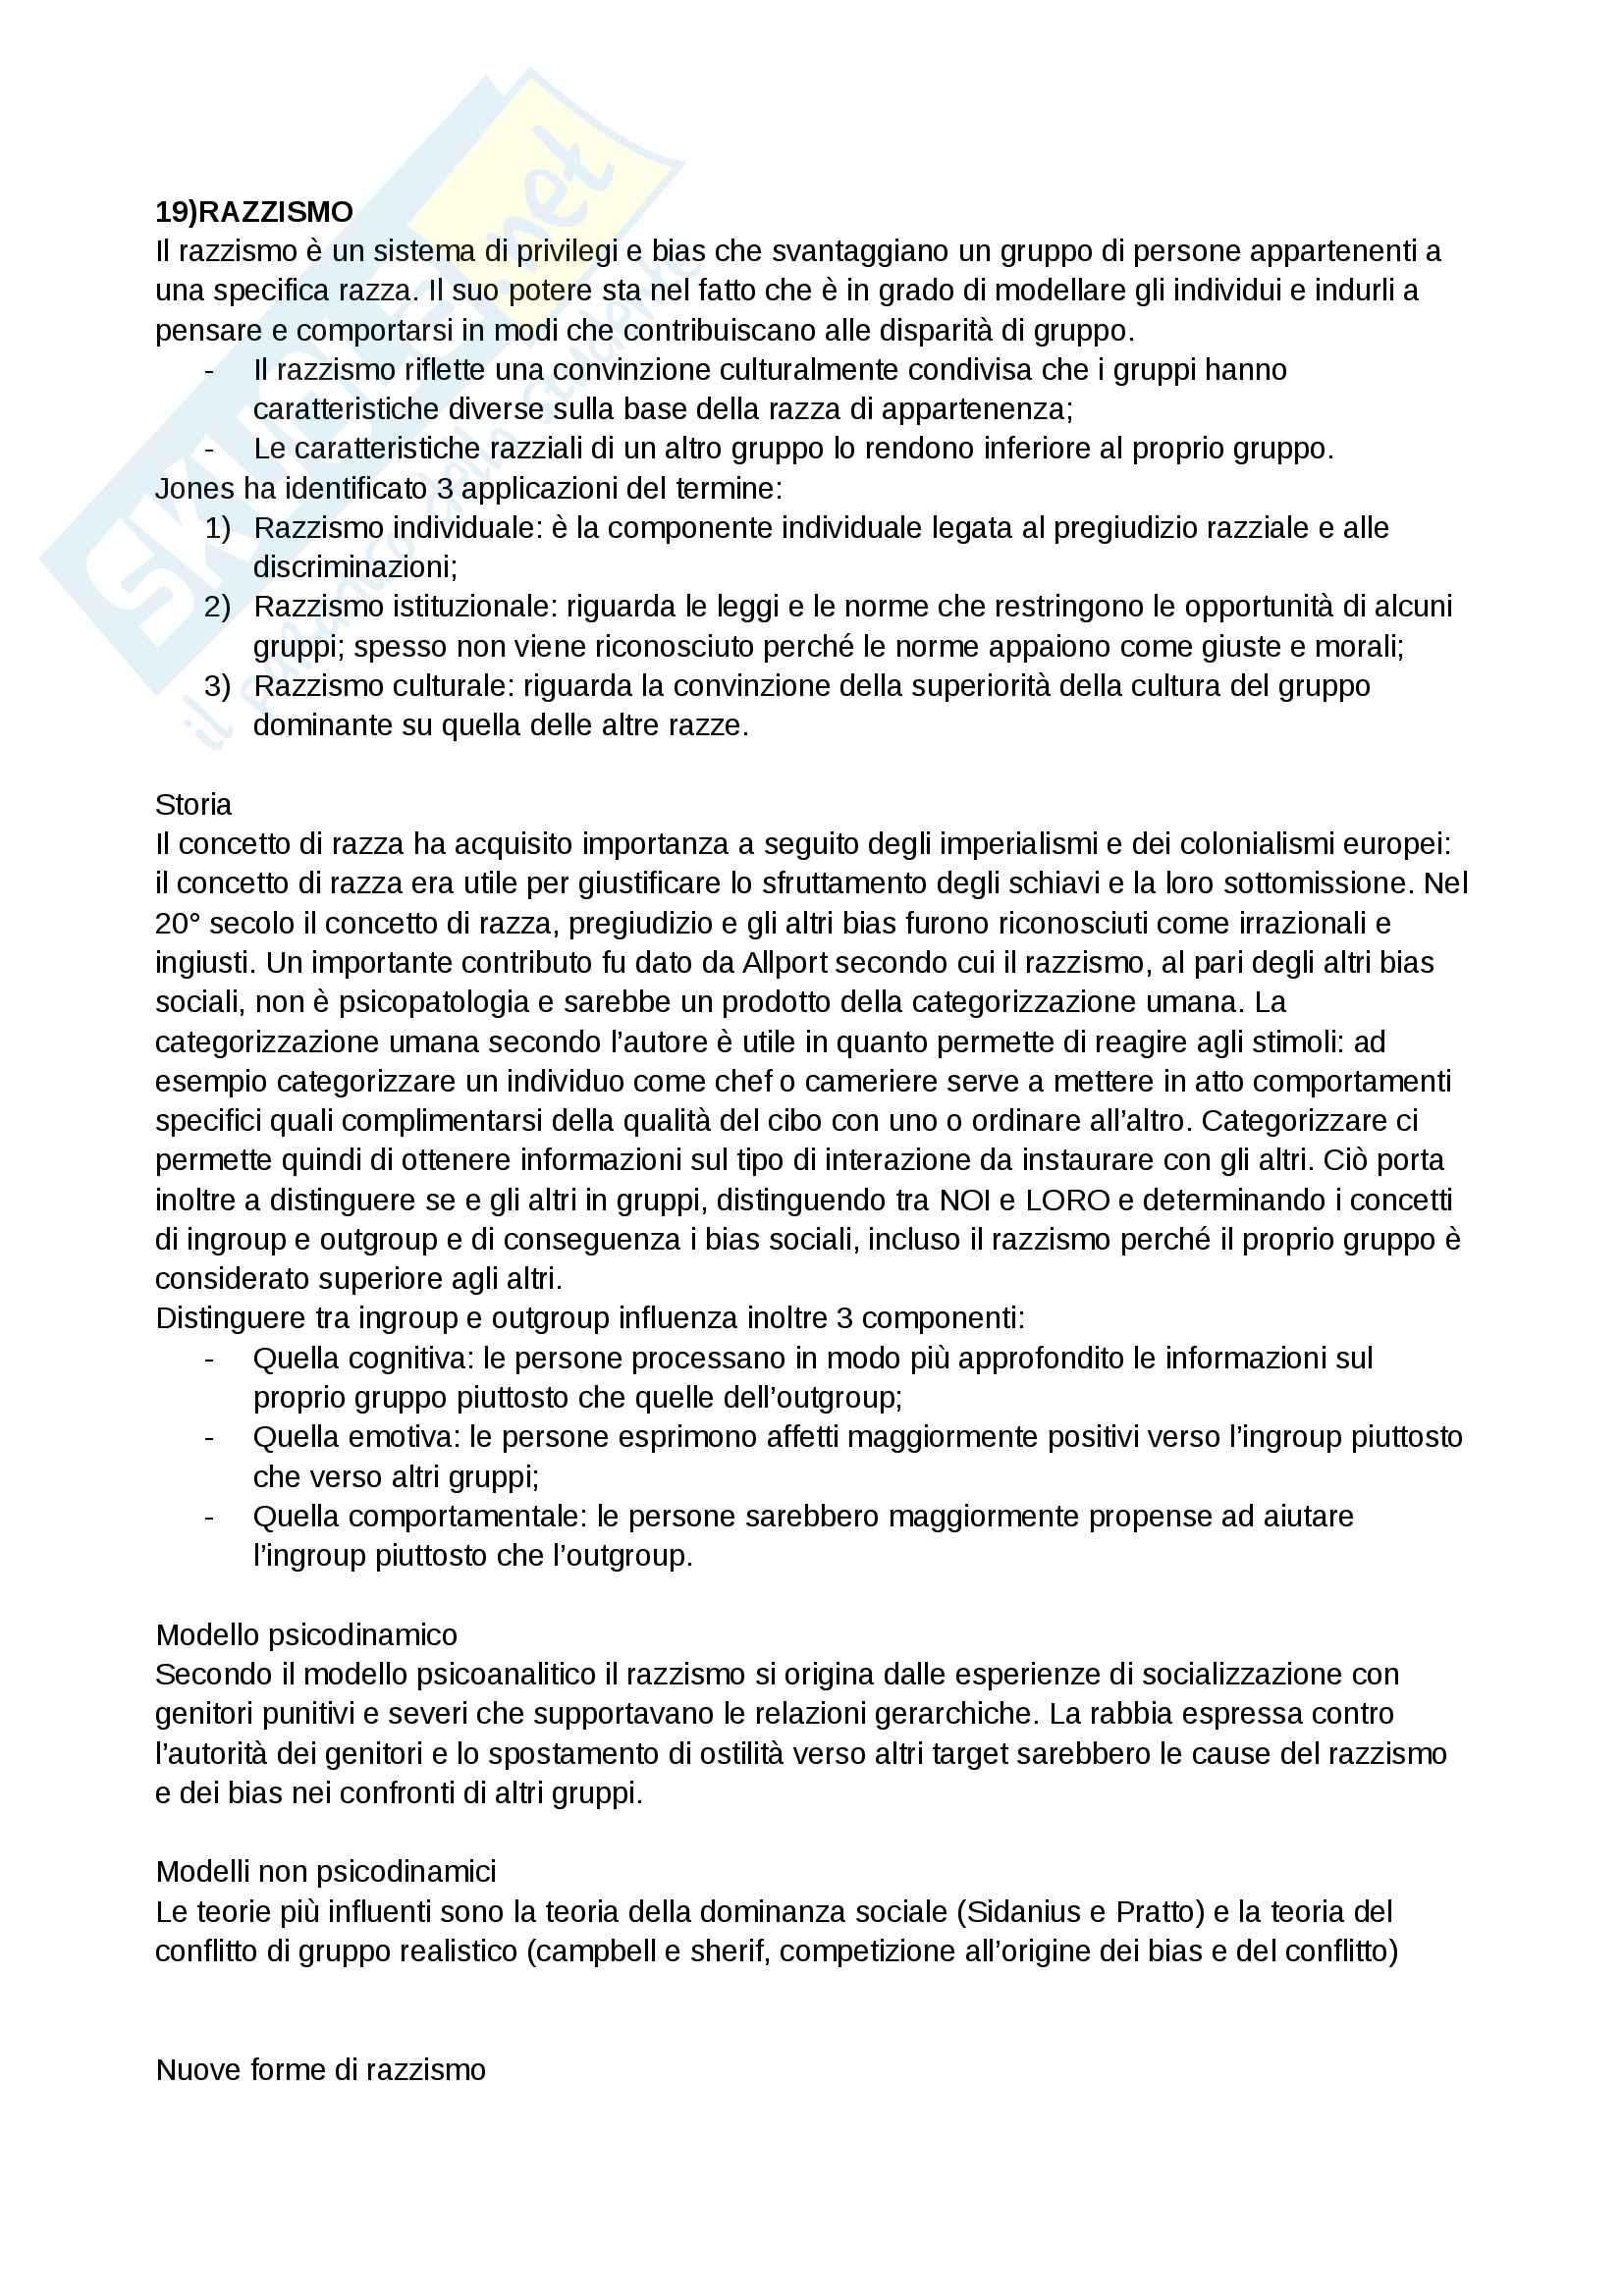 Riassunto esame e Appunti completi di Psicologia Sociale: corso avanzato per l'esame della Prof. Sacchi su Pregiudizio, Stereotipo, Discriminazione Bicocca Pag. 31